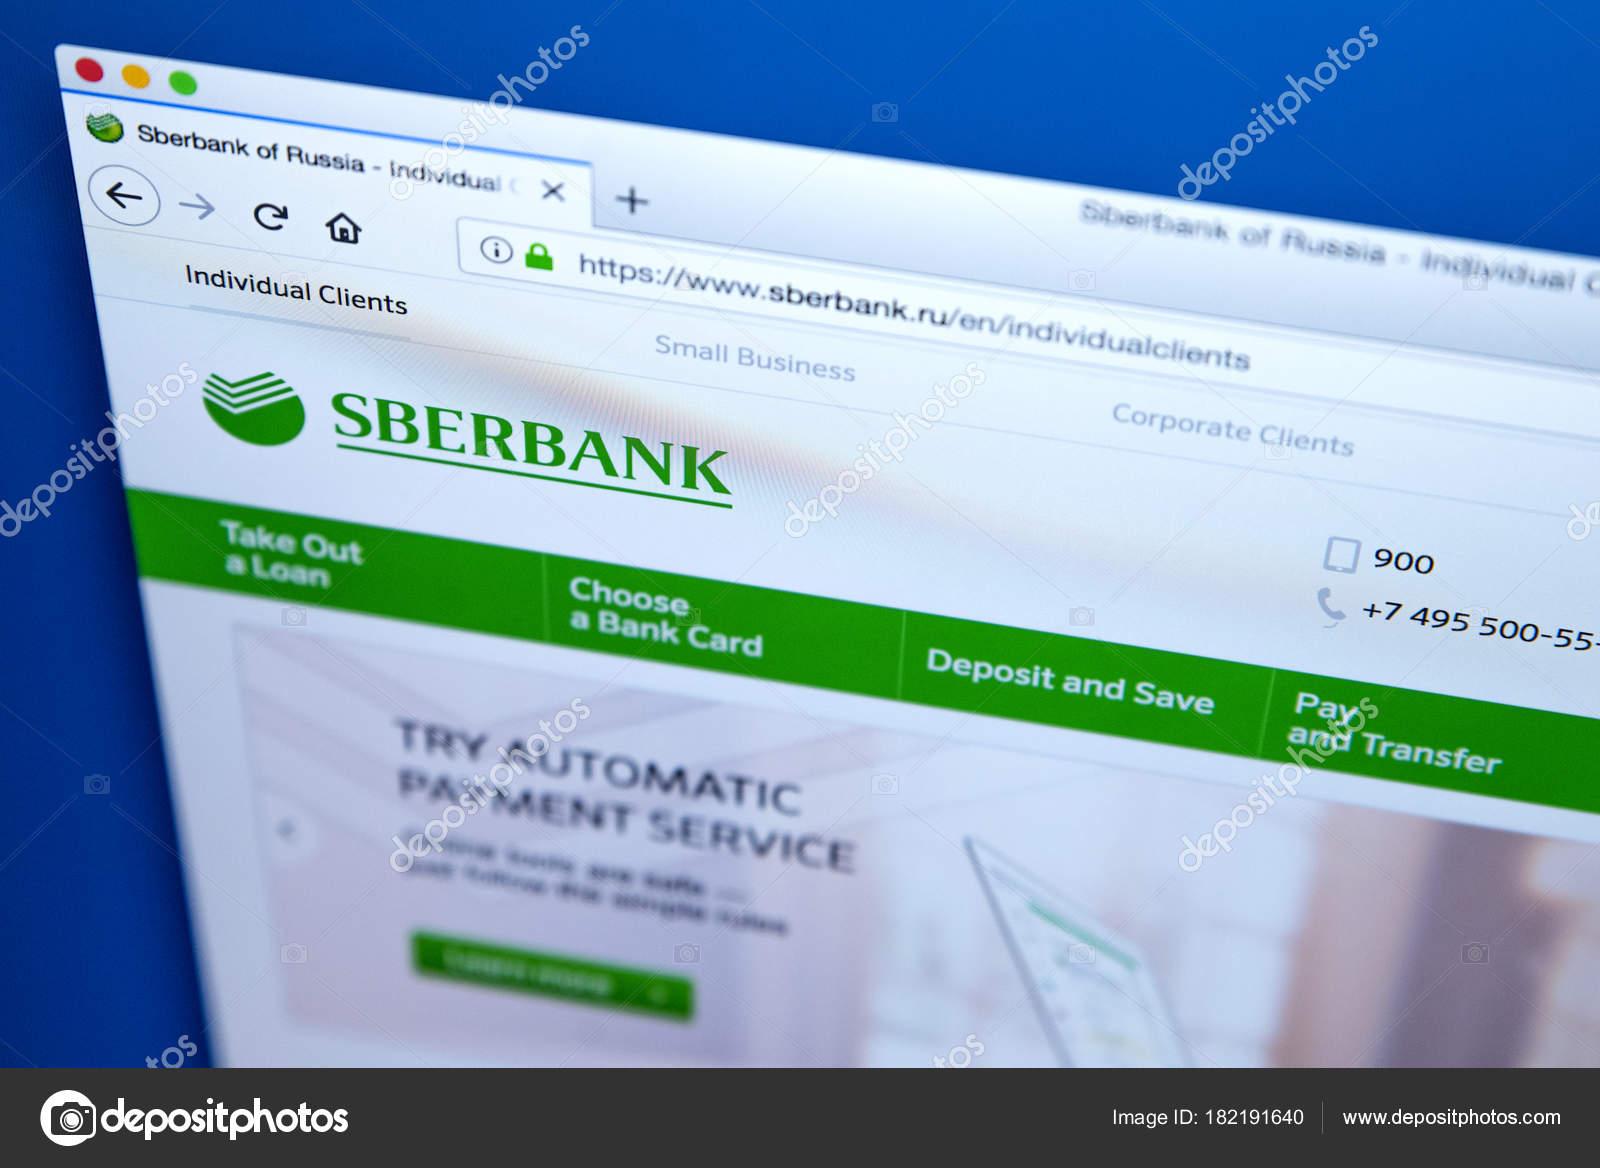 Сбербанк рф официальный сайт